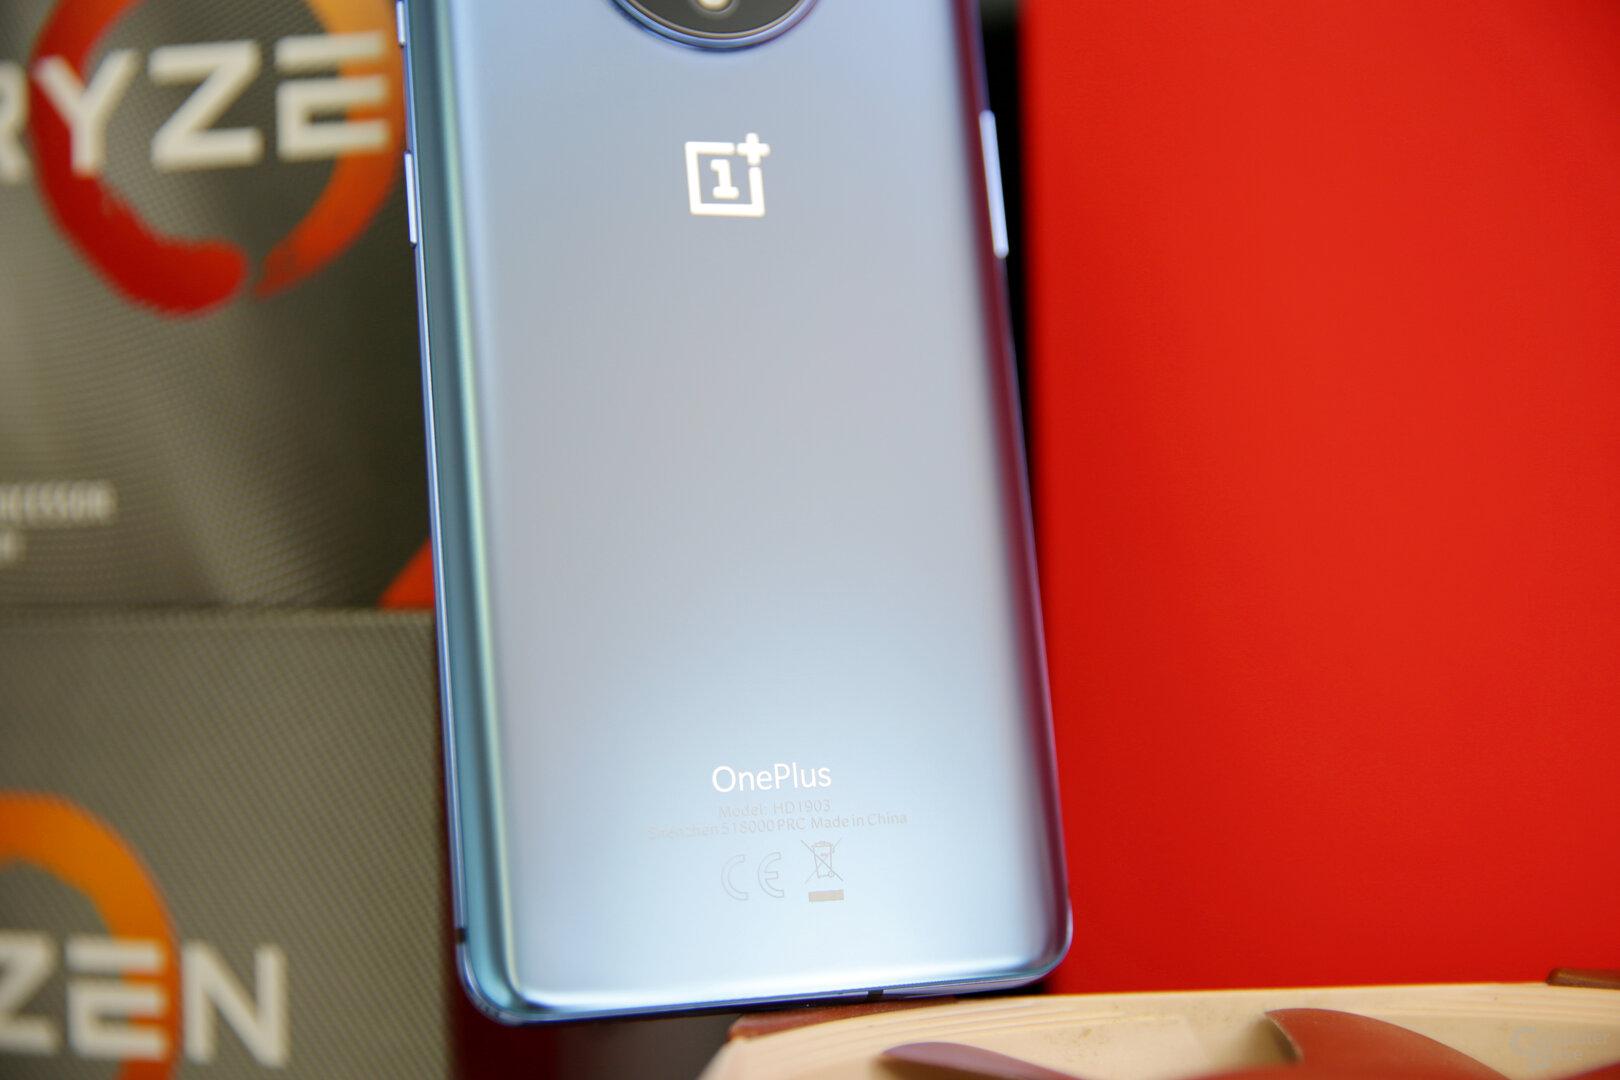 Dezentes OnePlus-Logo und Schriftzug auf der Rückseite